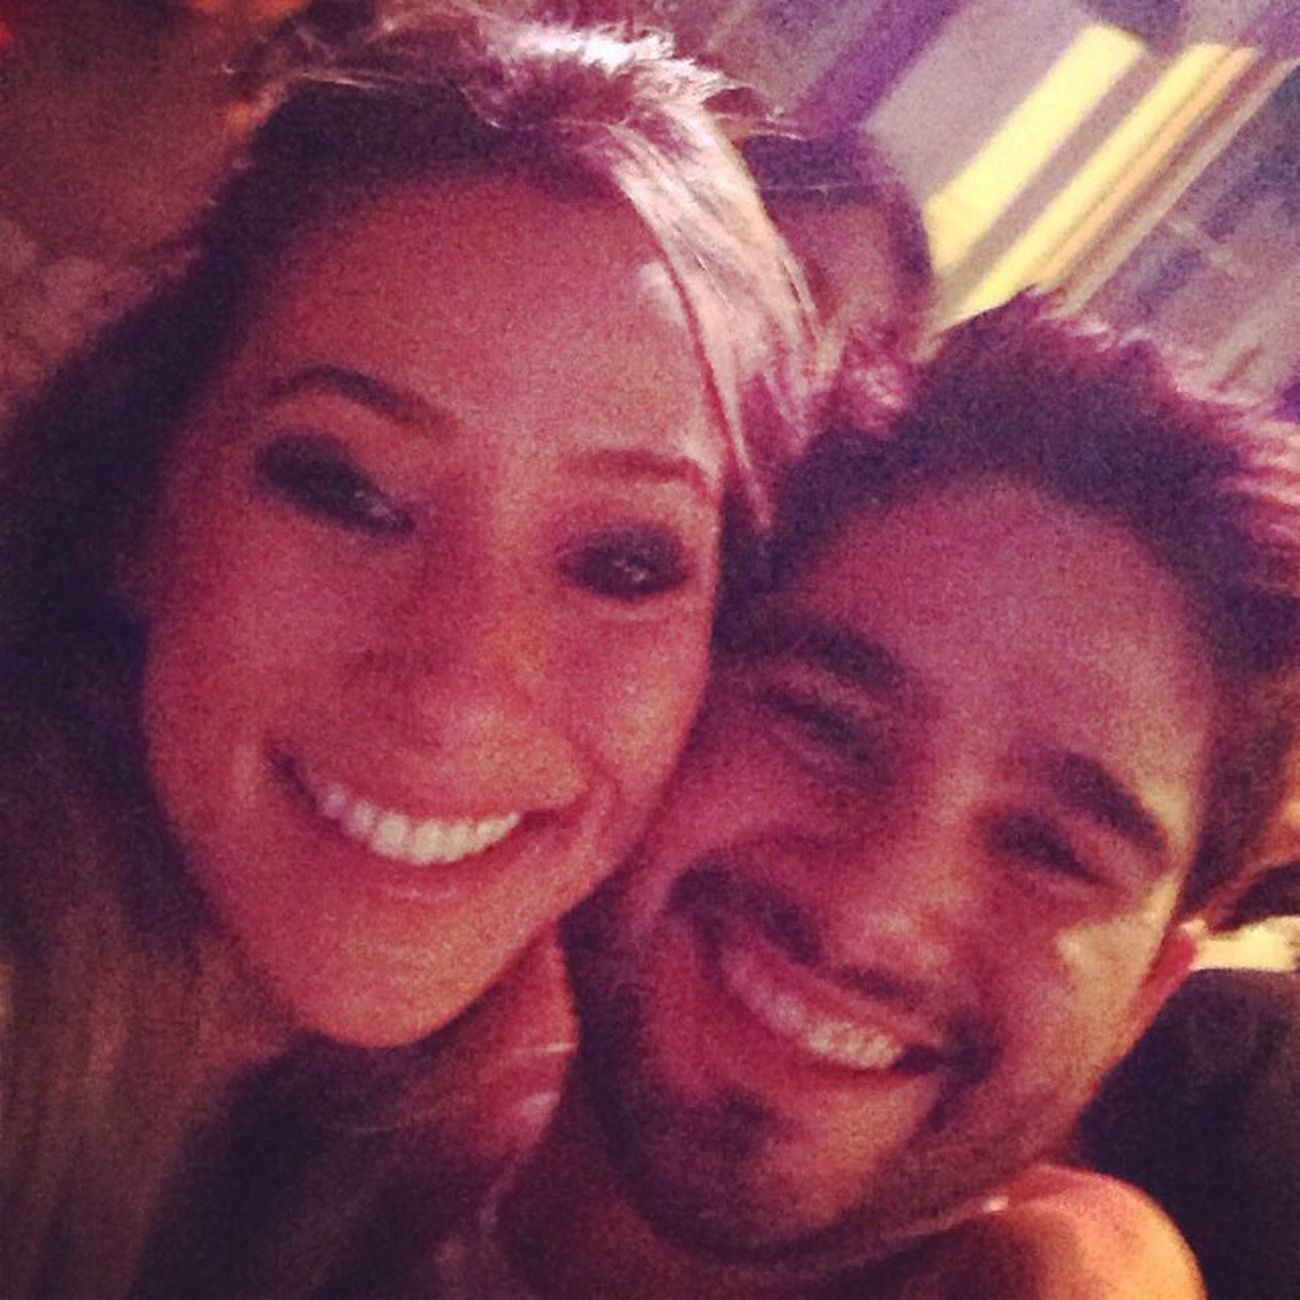 Conte-me mais sobre você !! 😉 @gabrielmiarelli AniversarioLO Casarao Atedemadrugada Otimascias eucurti